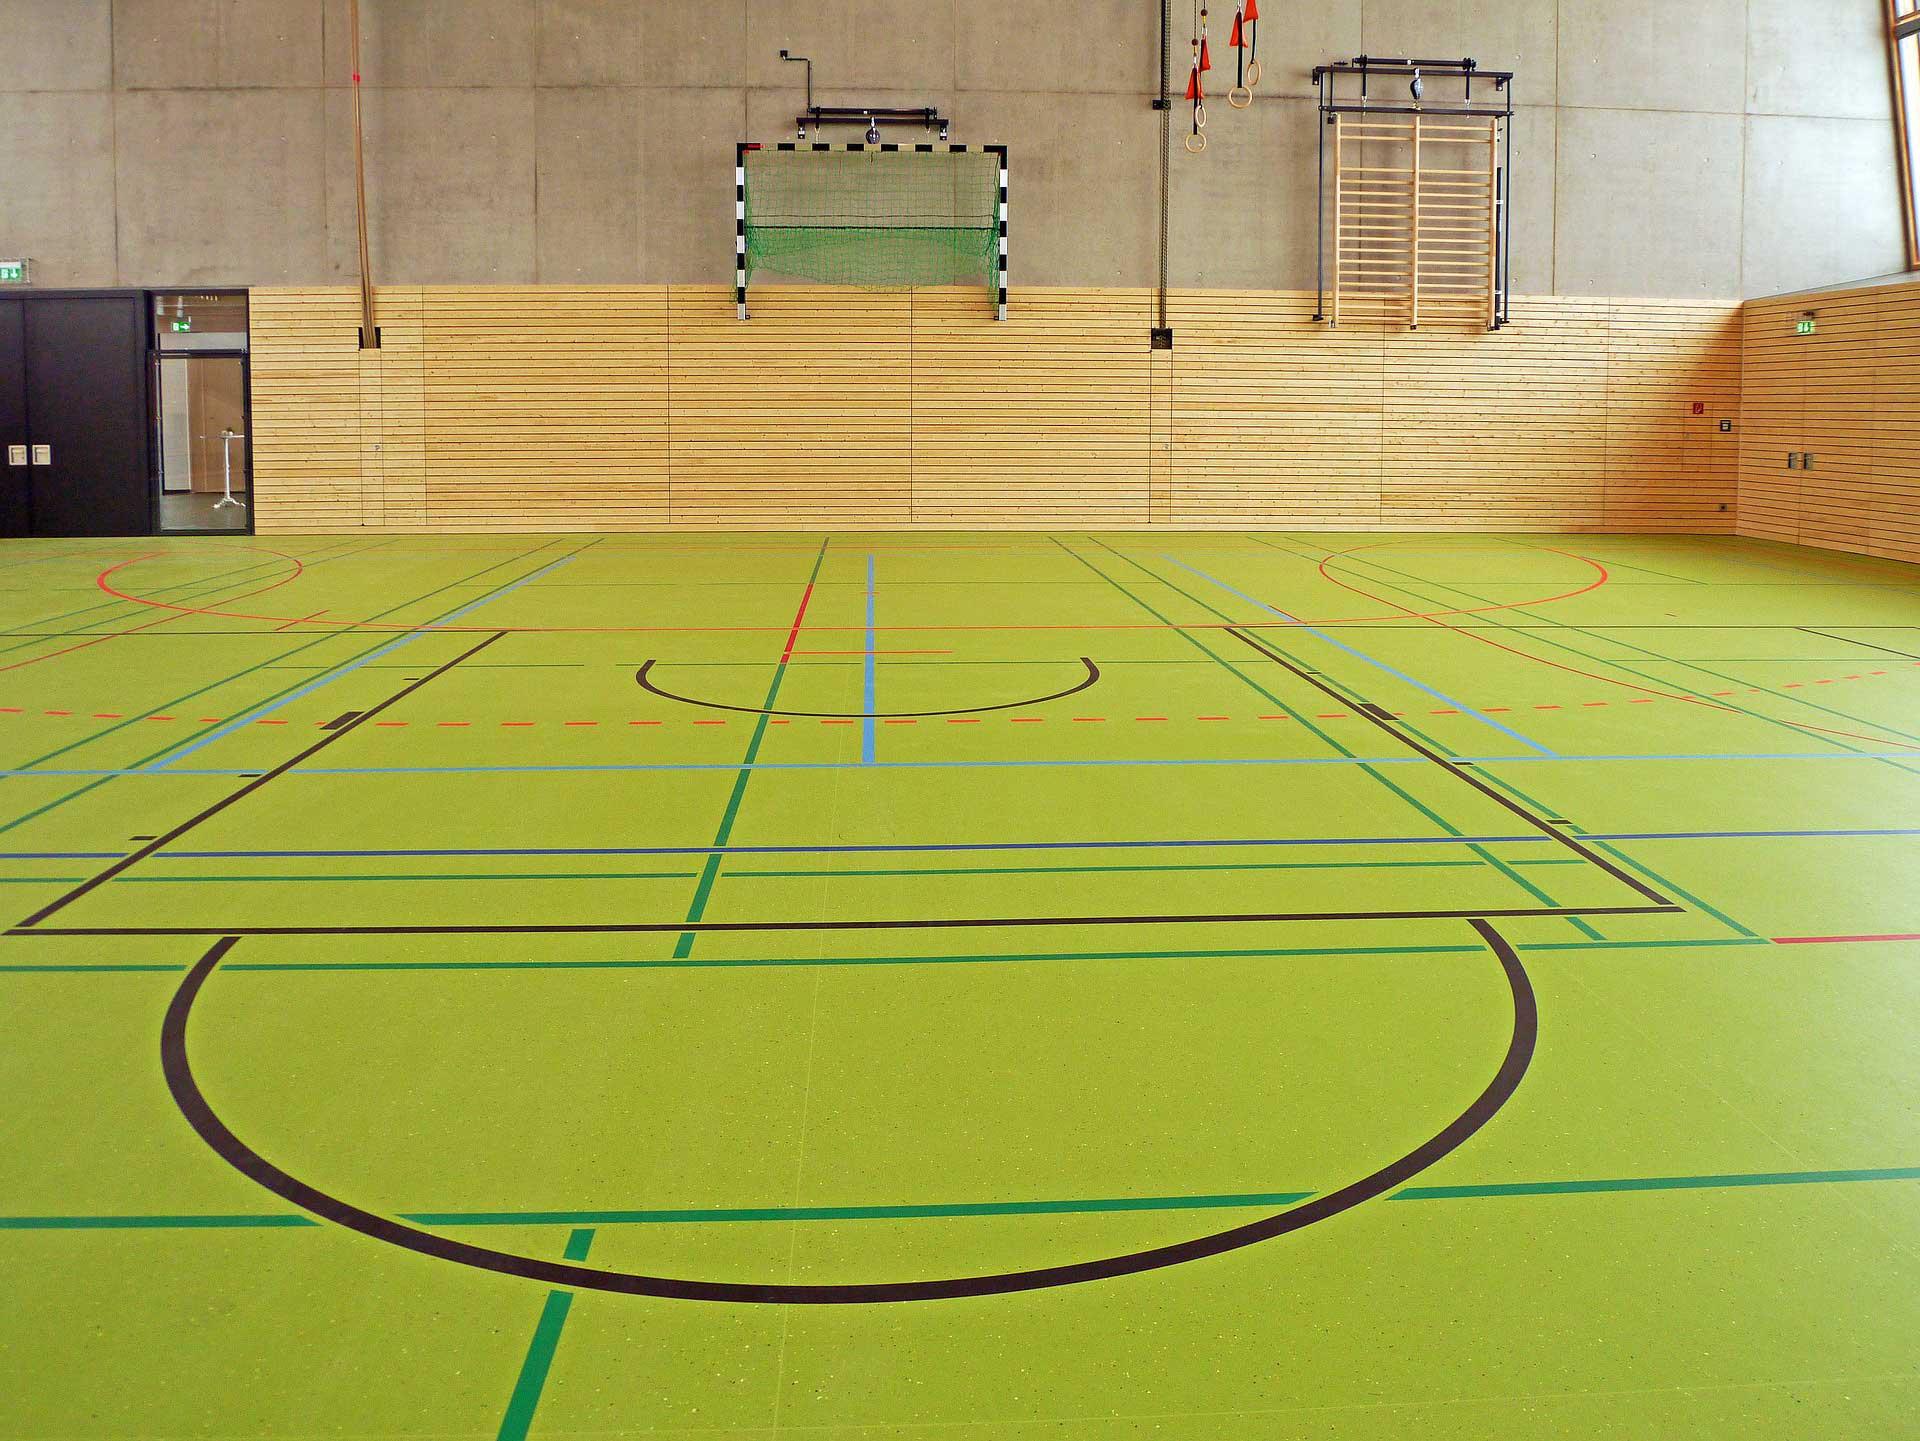 Sporthallenbau: Was kostet eine Freilufthalle, Traglufthalle oder der Baue einer kompletten Sporthalle?